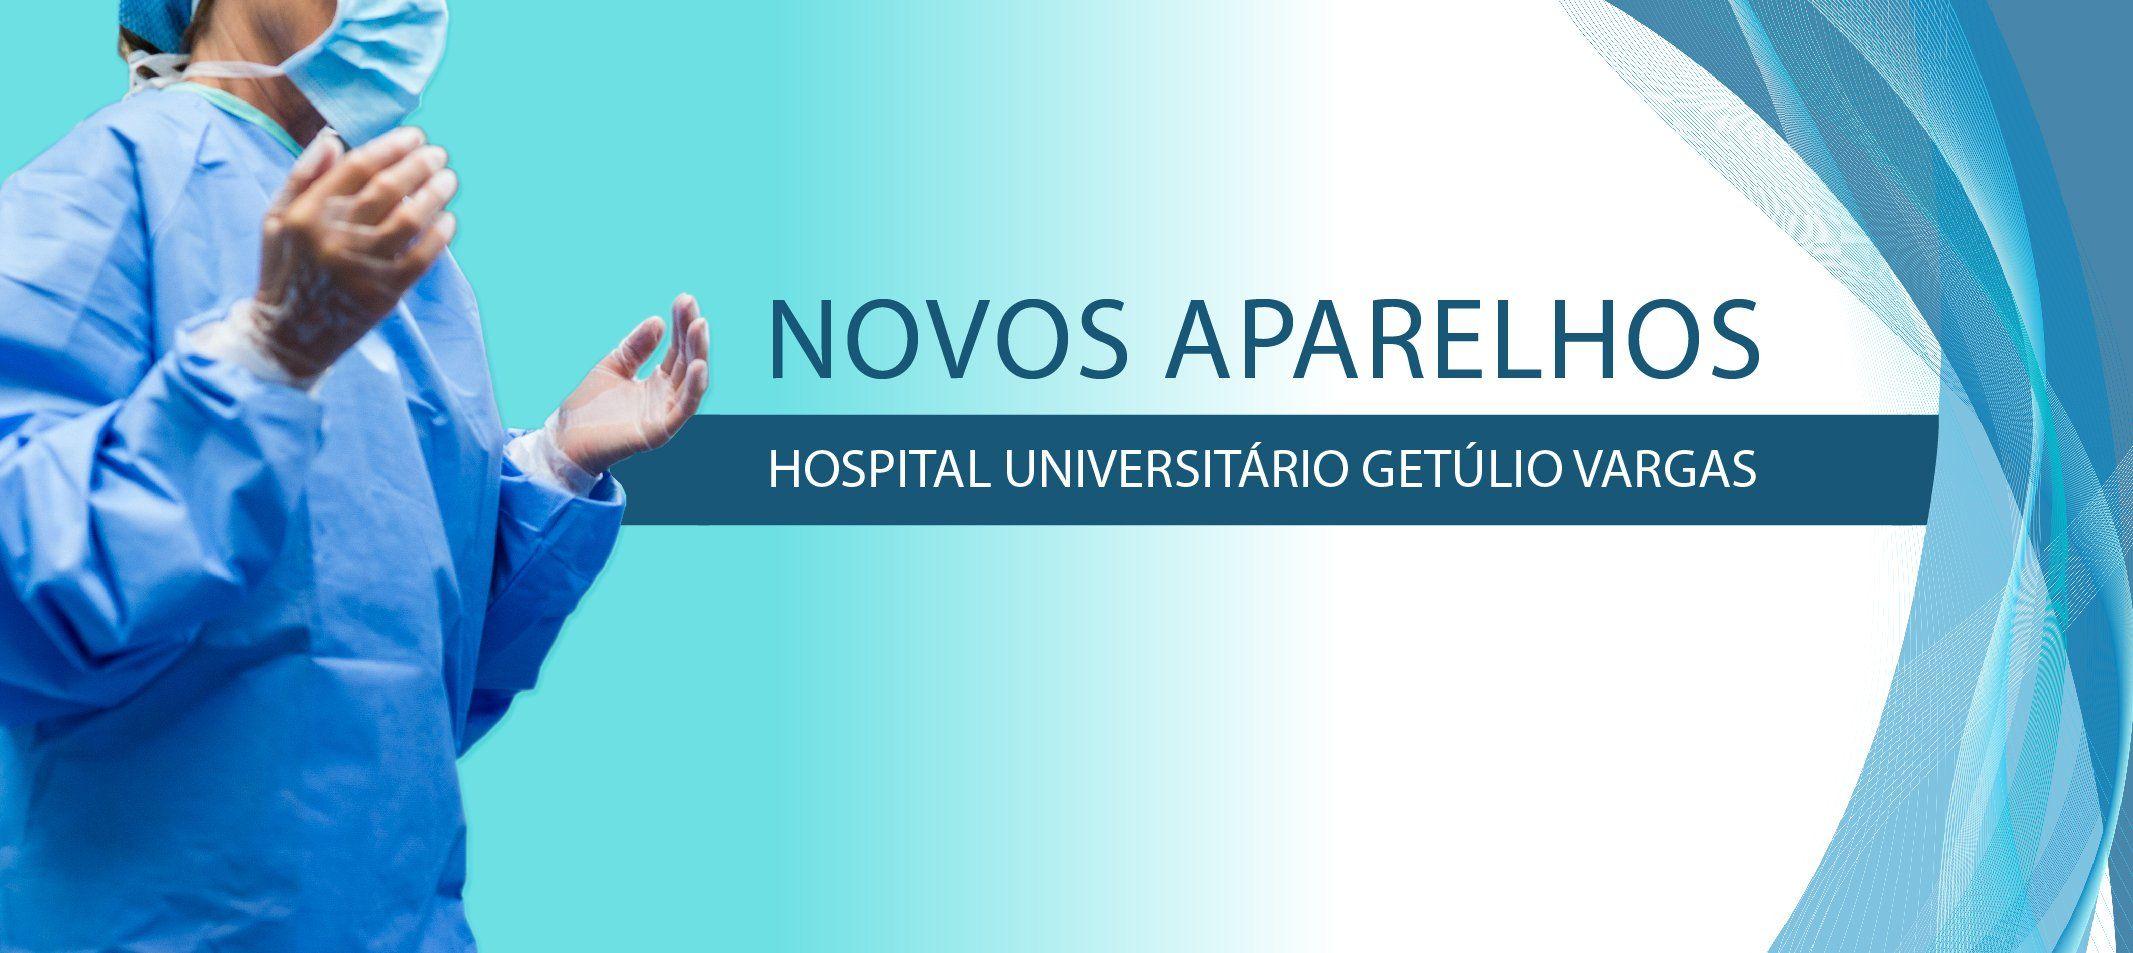 Repasse de R$ 1,6 milhão possibilita modernização de cirurgias no HUGV